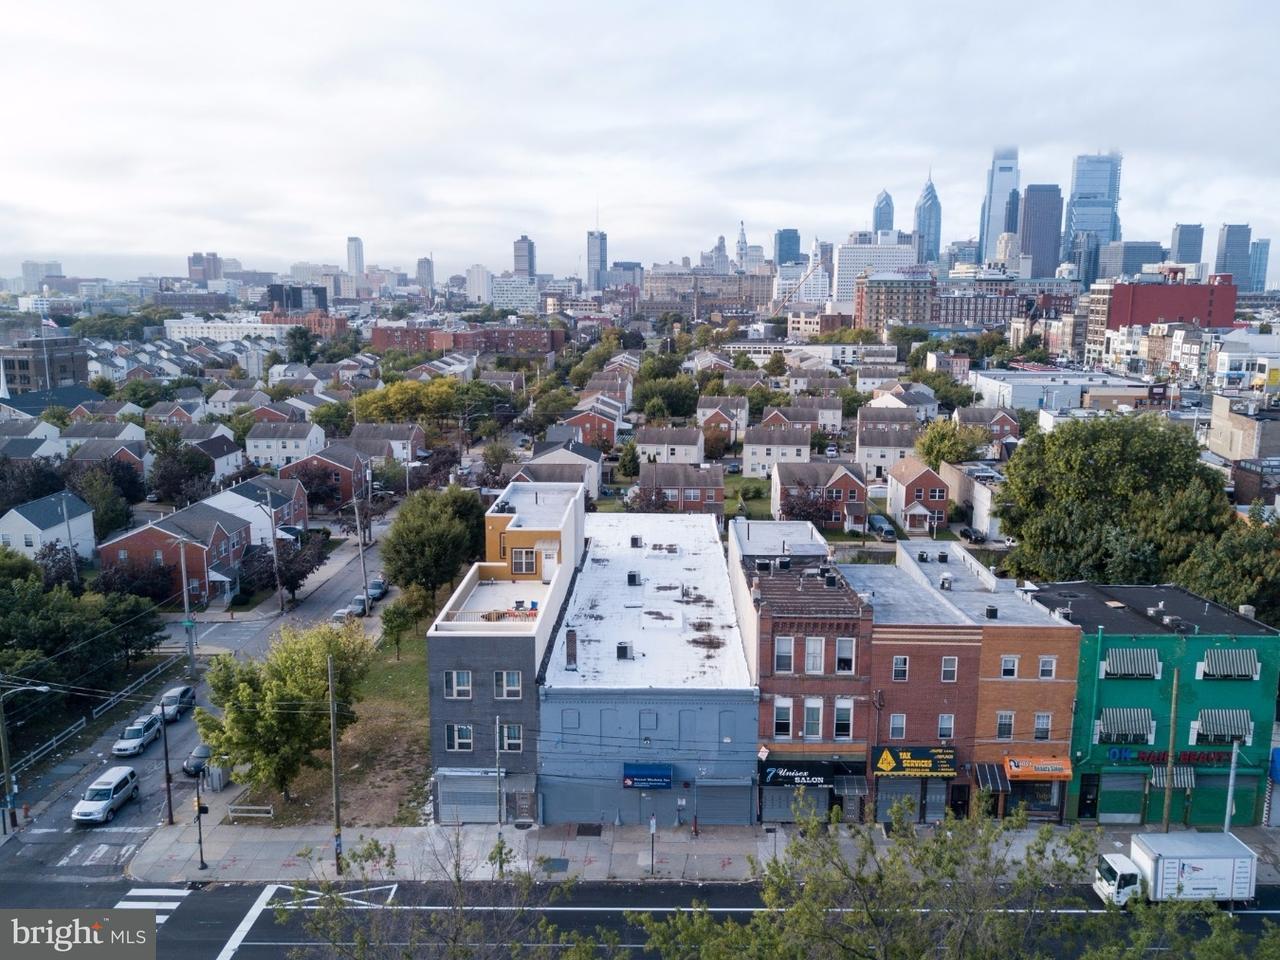 Μονοκατοικία για την Πώληση στο 1308 W GIRARD Avenue Philadelphia, Πενσιλβανια 19123 Ηνωμενεσ Πολιτειεσ